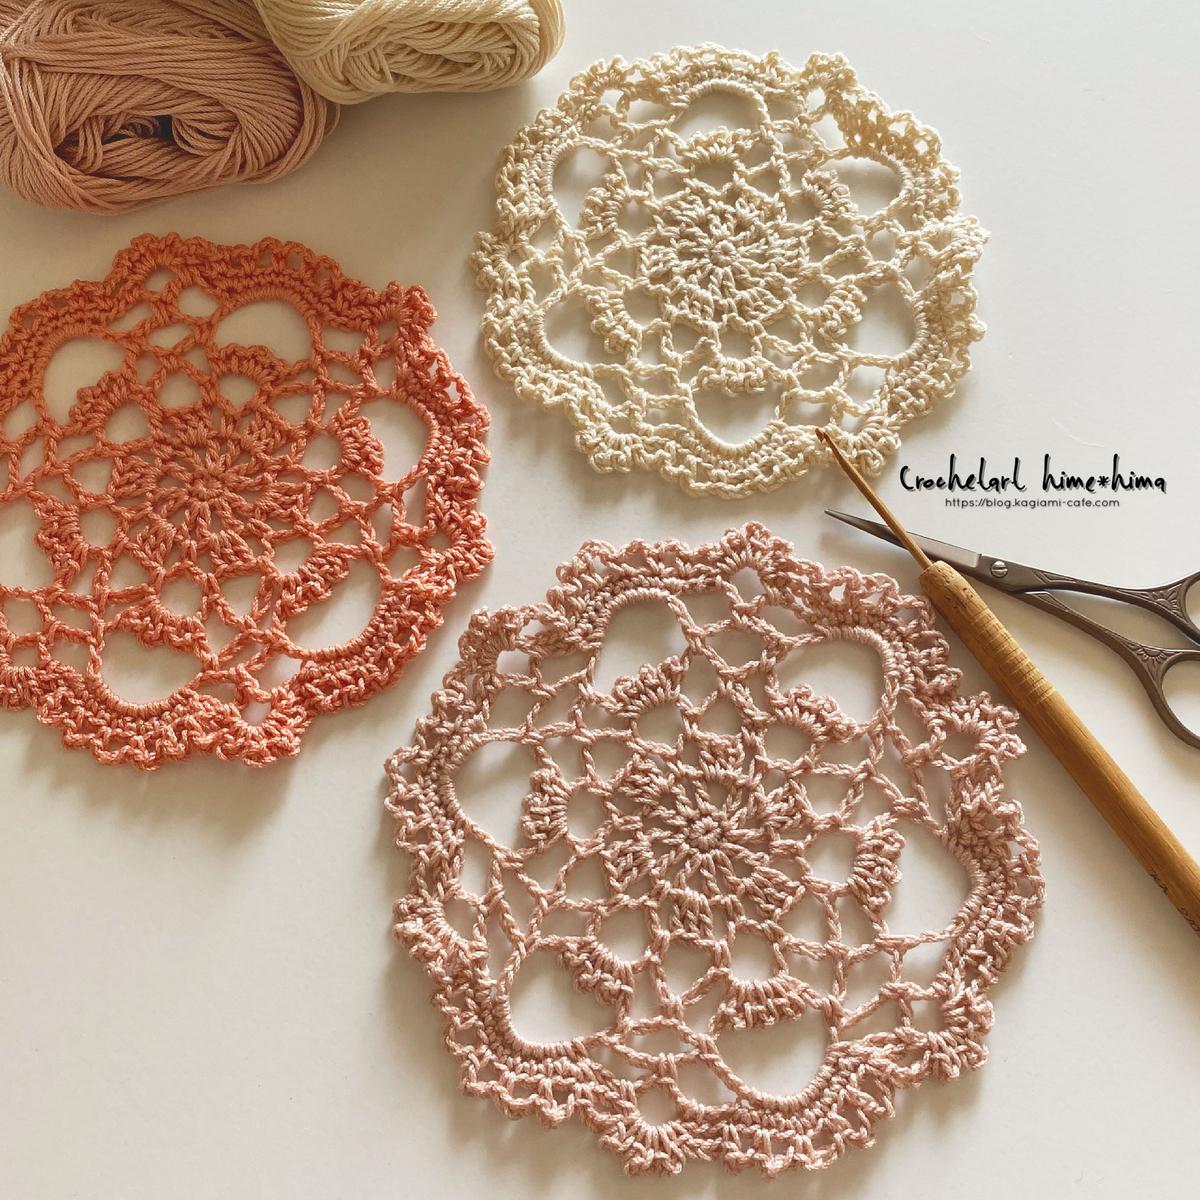 鎖編みで作る小さなレース編みのドイリー